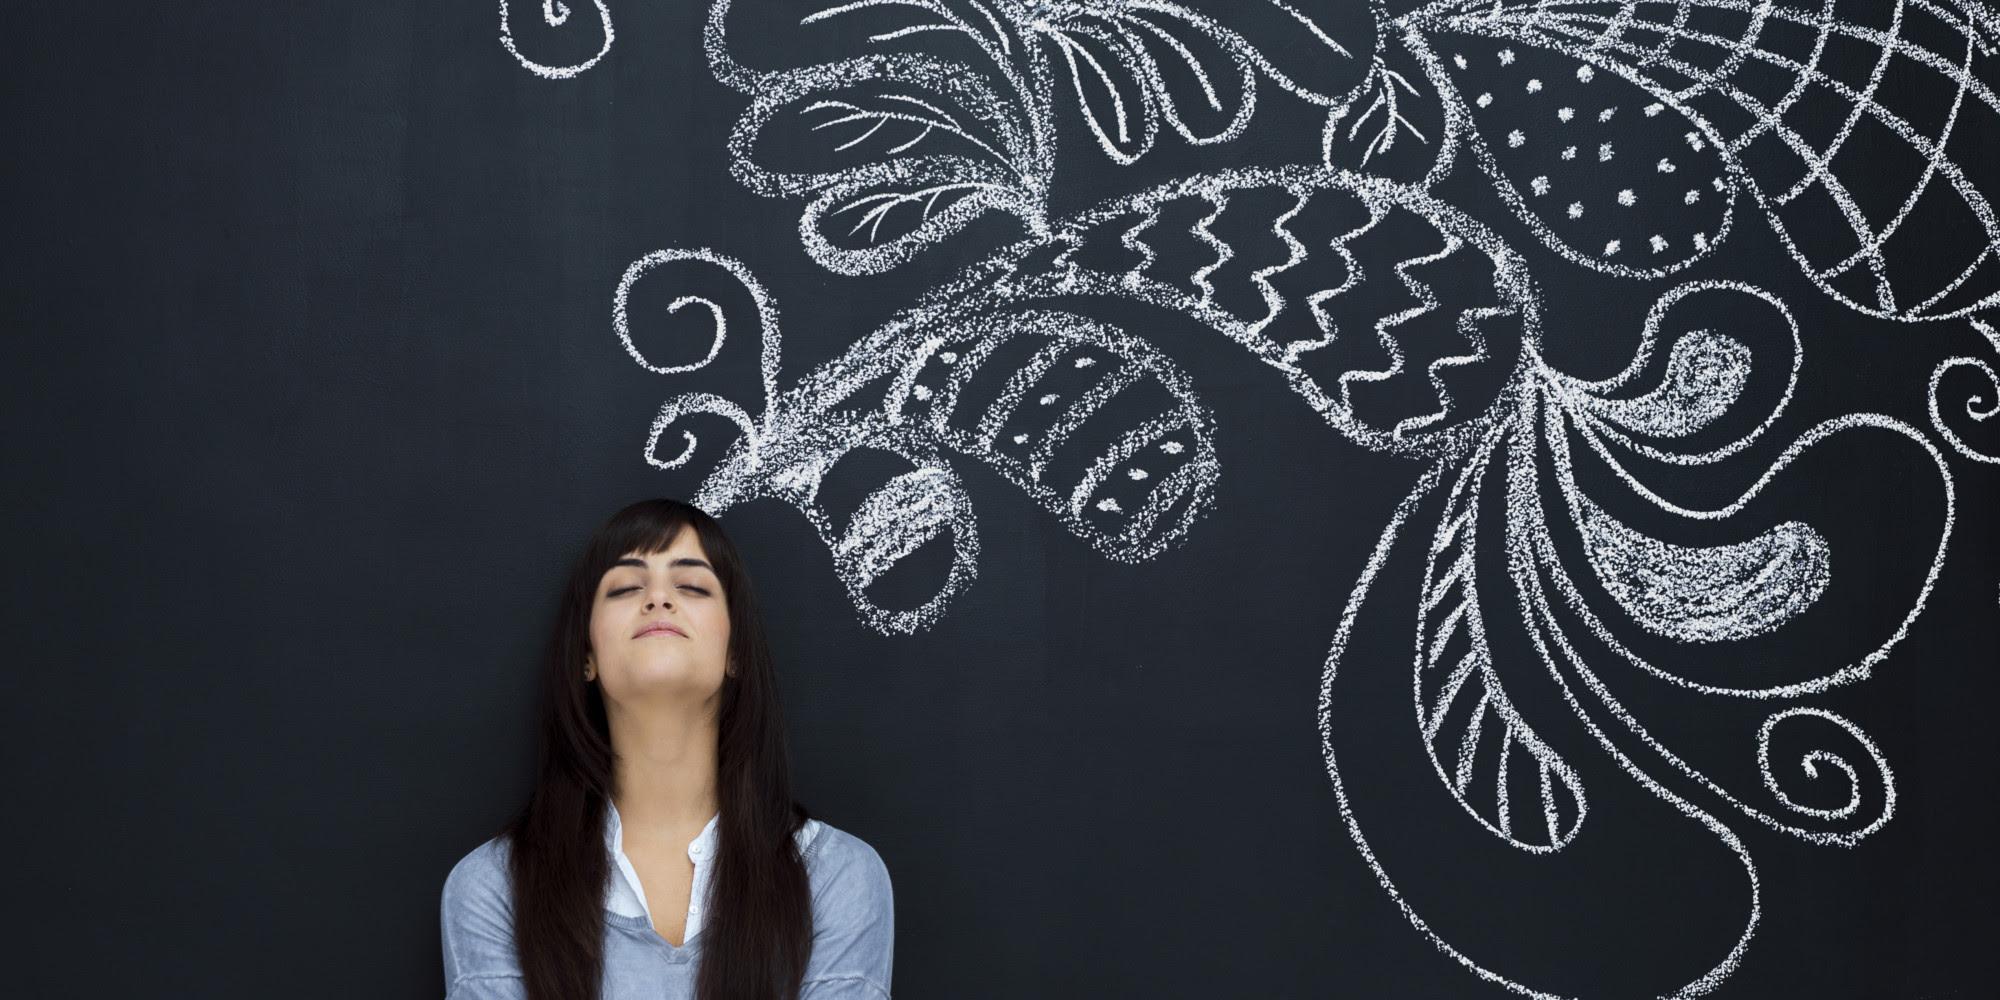 FOTO: Mulher com os olhos fechados, encostada num quadro negro, onde existem desenhos abstratos desenhados com giz branco, como se estivessem saindo de sua cabeça